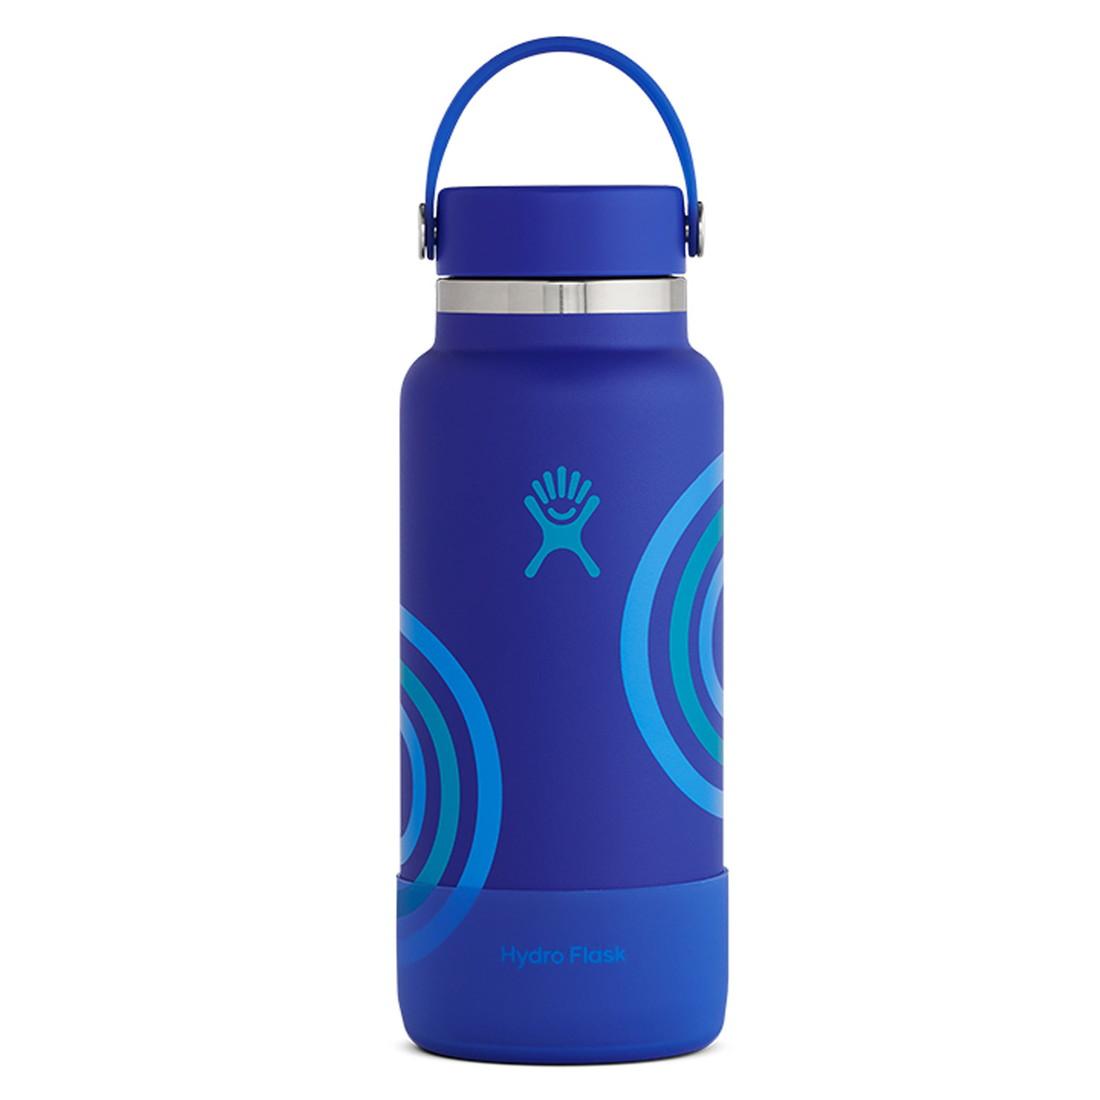 ハイドロフラスク ワイドマウス32oz リフィル Refill 保温 保冷 ボトル 水筒  国内正規品